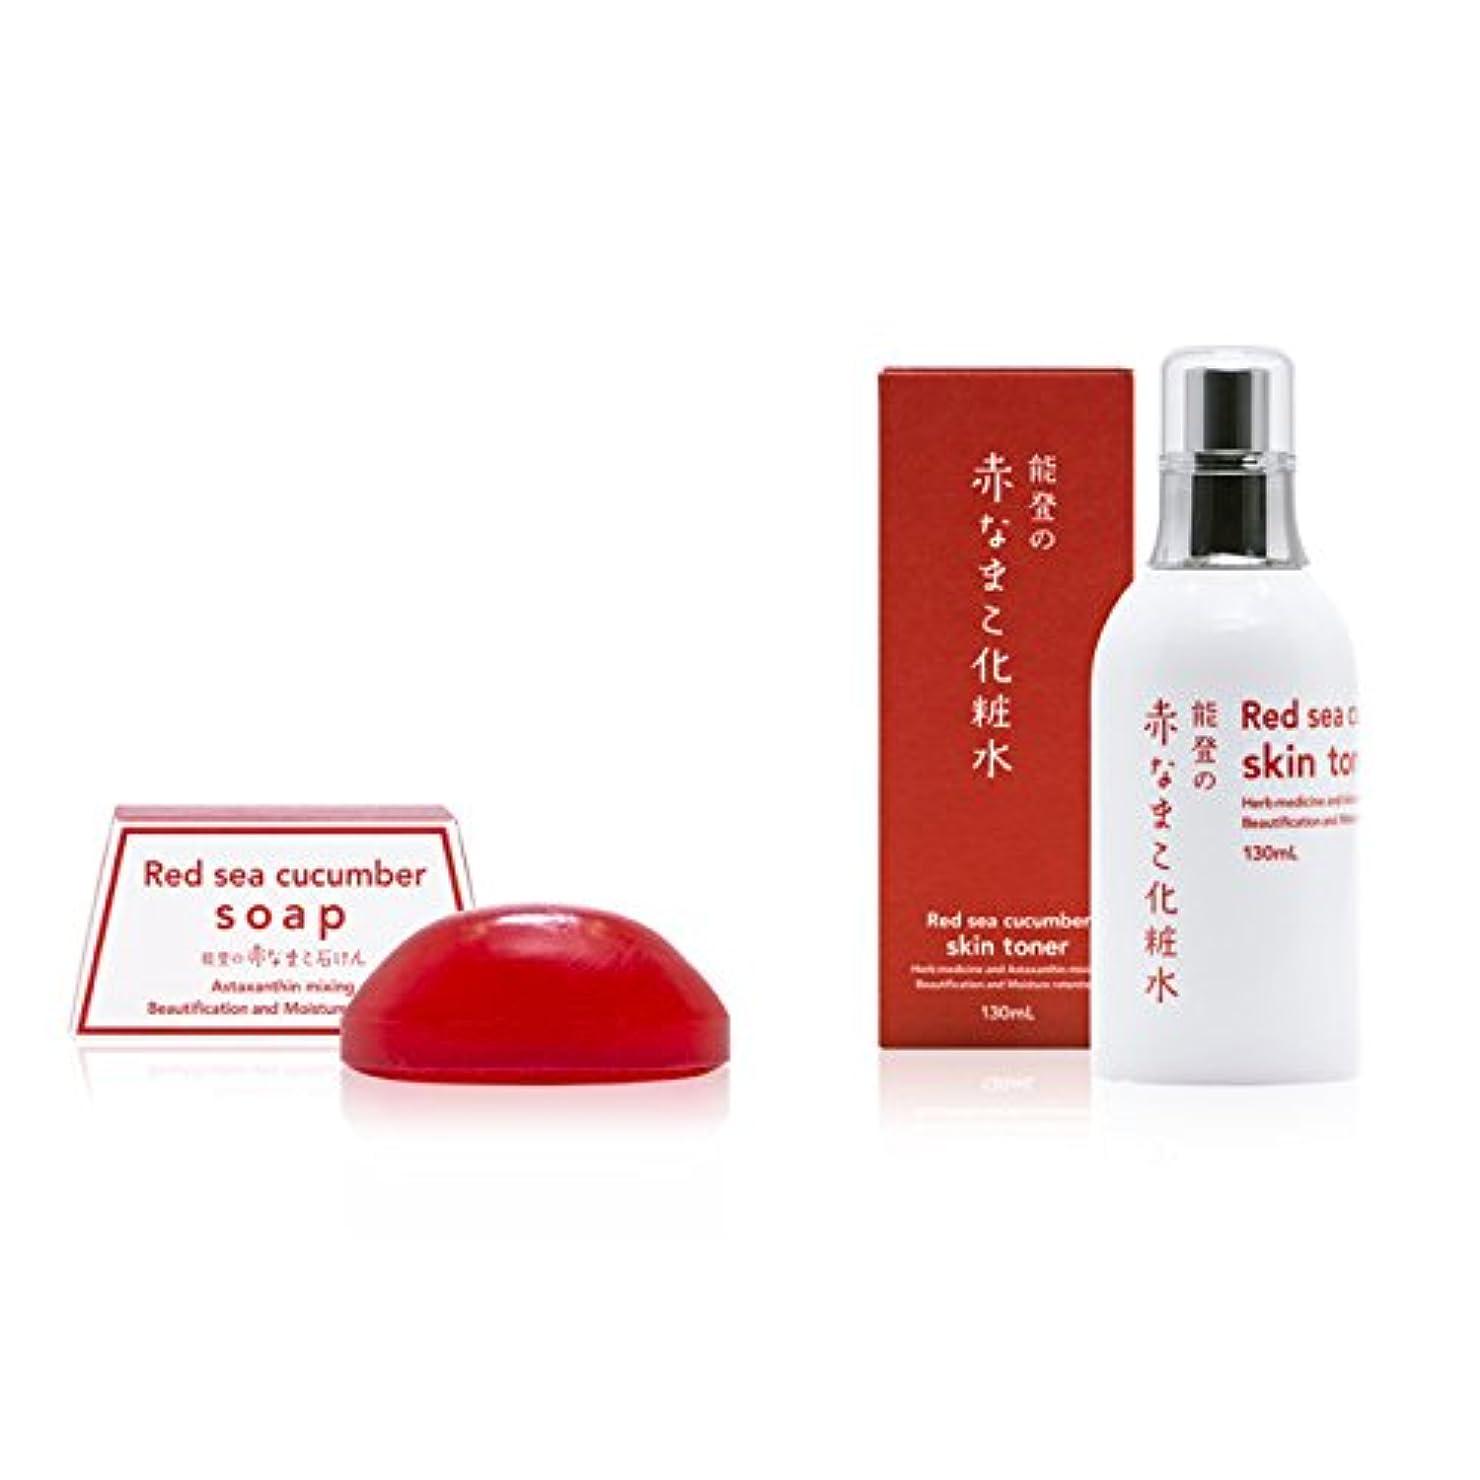 メタリック環境に優しい実験室能登の赤なまこ石けん&能登の赤なまこ化粧水セット